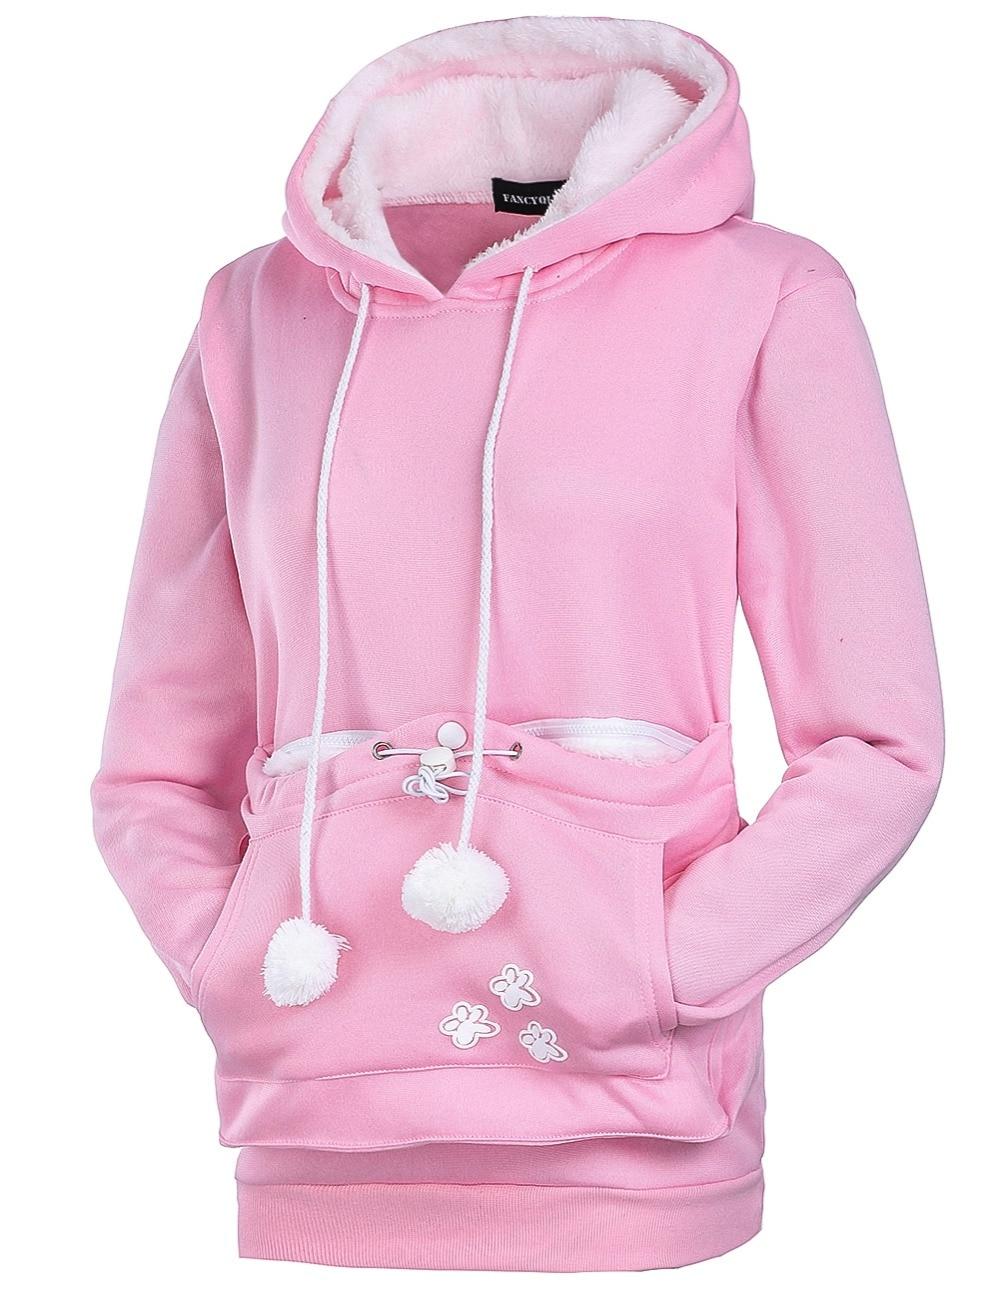 17 New Cartoon Hooded Hoodies Lover Cats Kangaroo Dog Hoodie Long Sleeve Sweatshirt Front Pocket Casual Animal Ear Hoodie 3